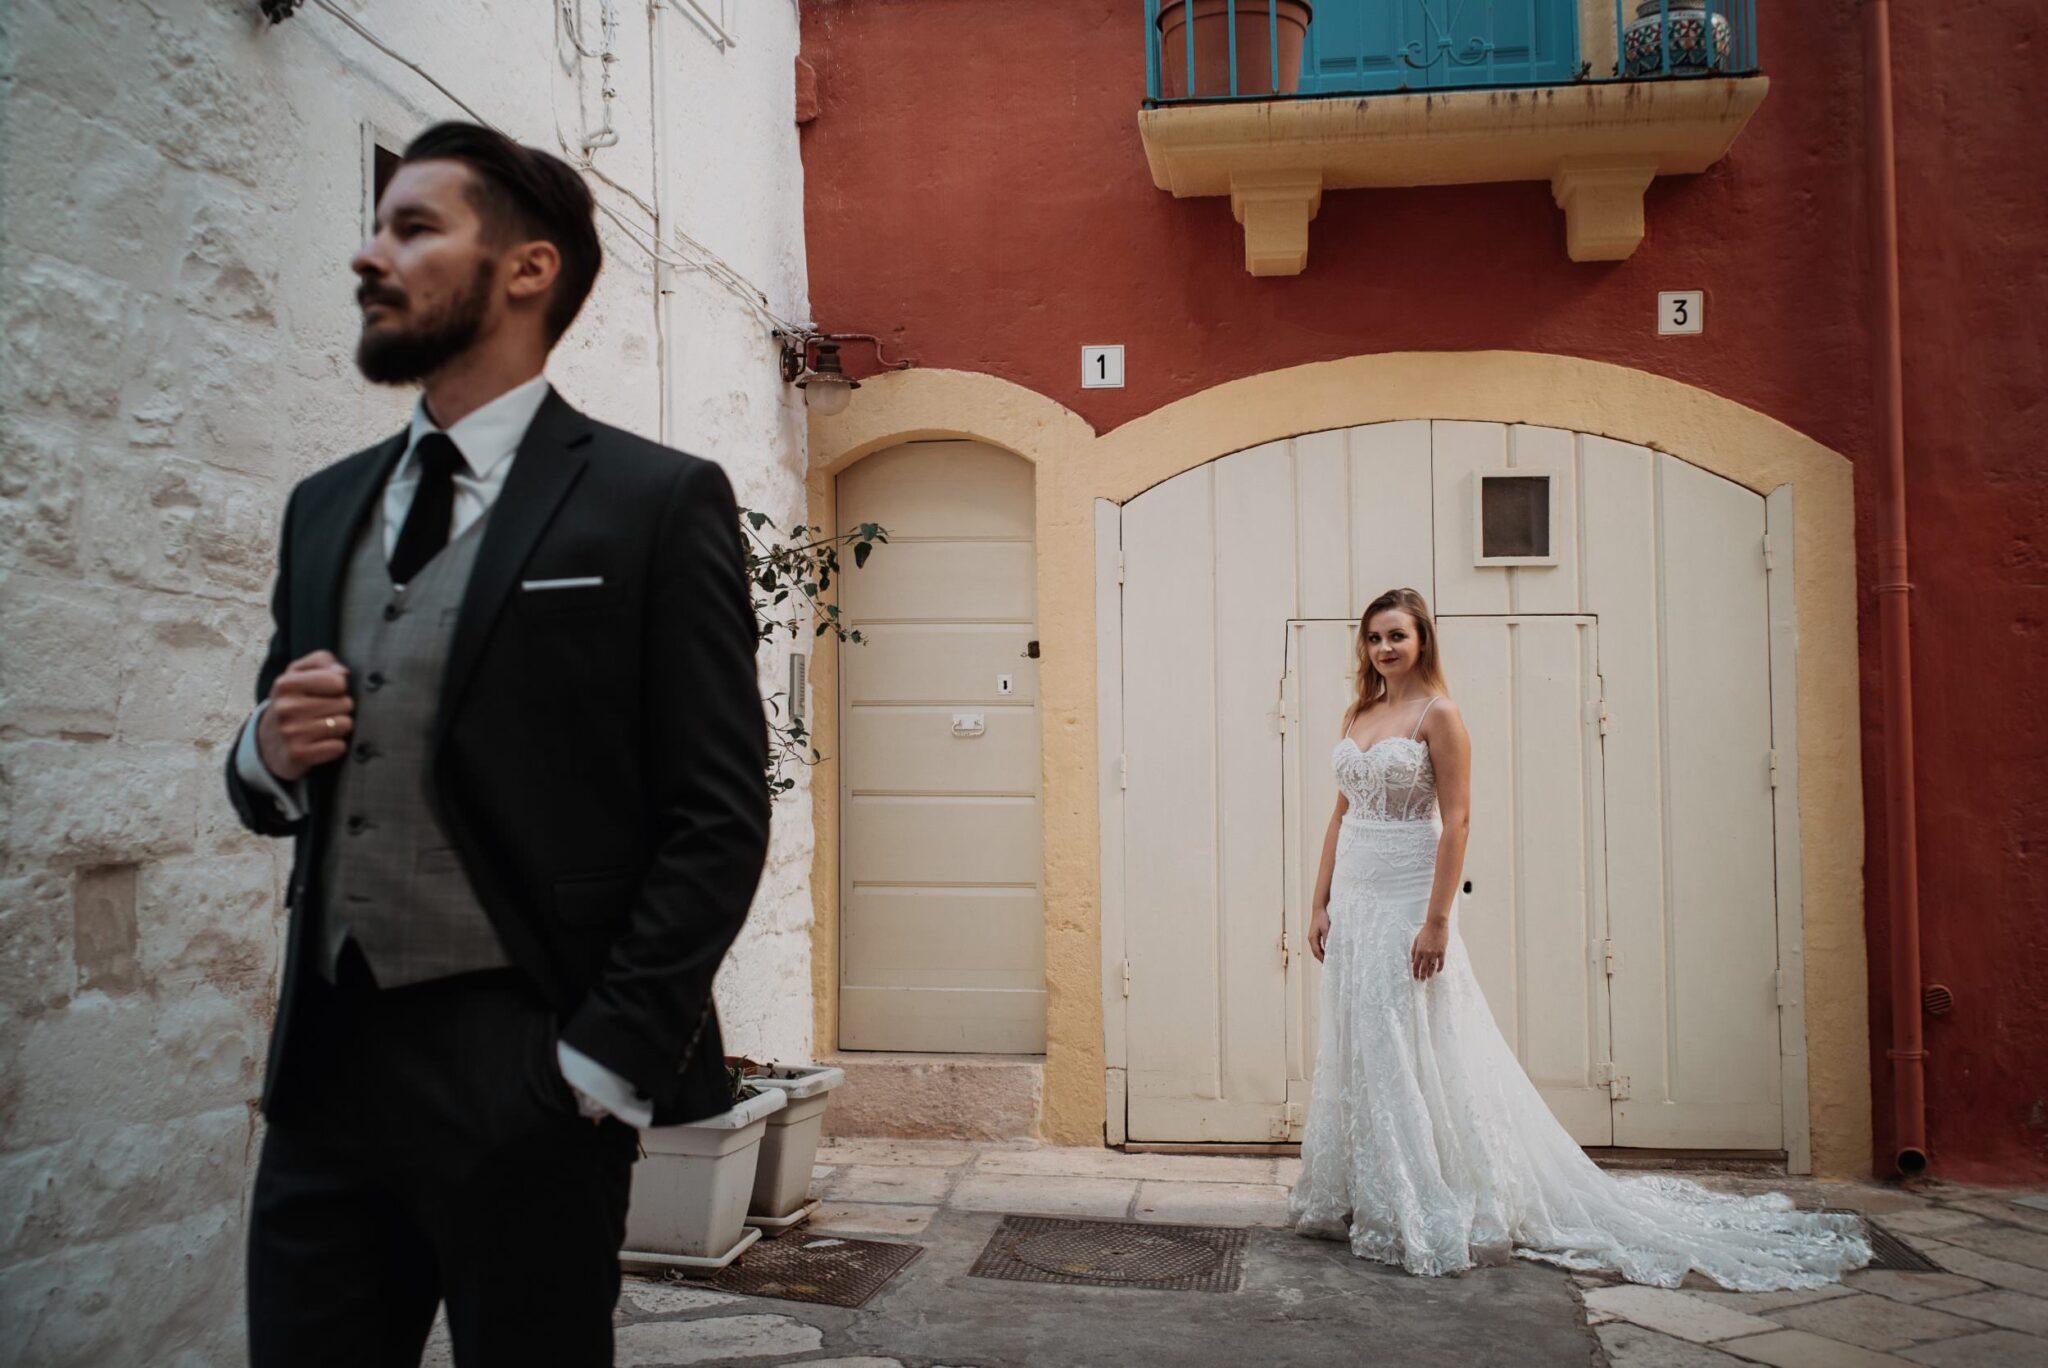 plener ślubny we Włoszech Polignano a Mare Italy